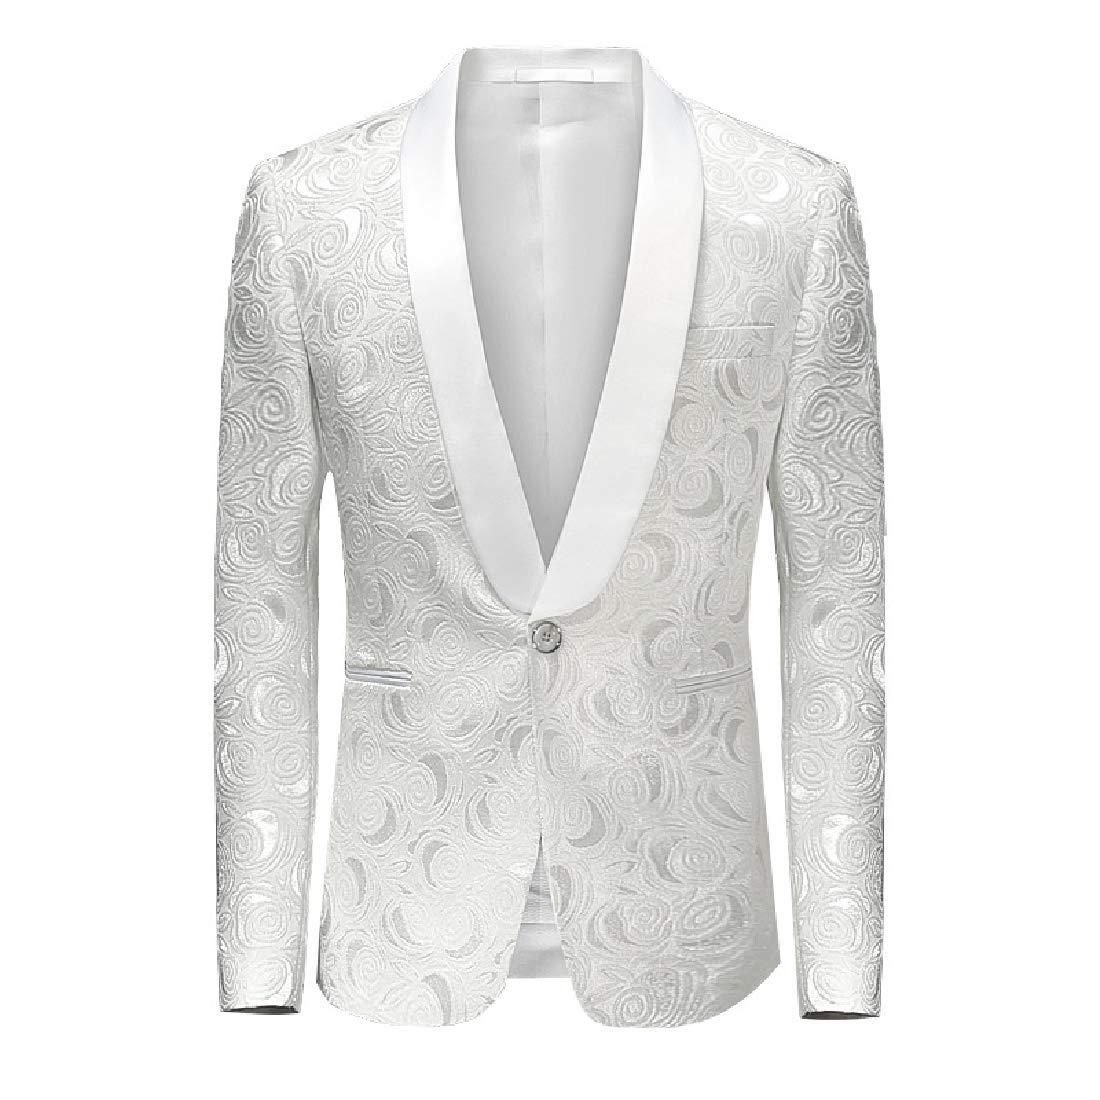 Abetteric Men Premium Casual Jacquard Prom Tuxedo Blazer Dress Suit